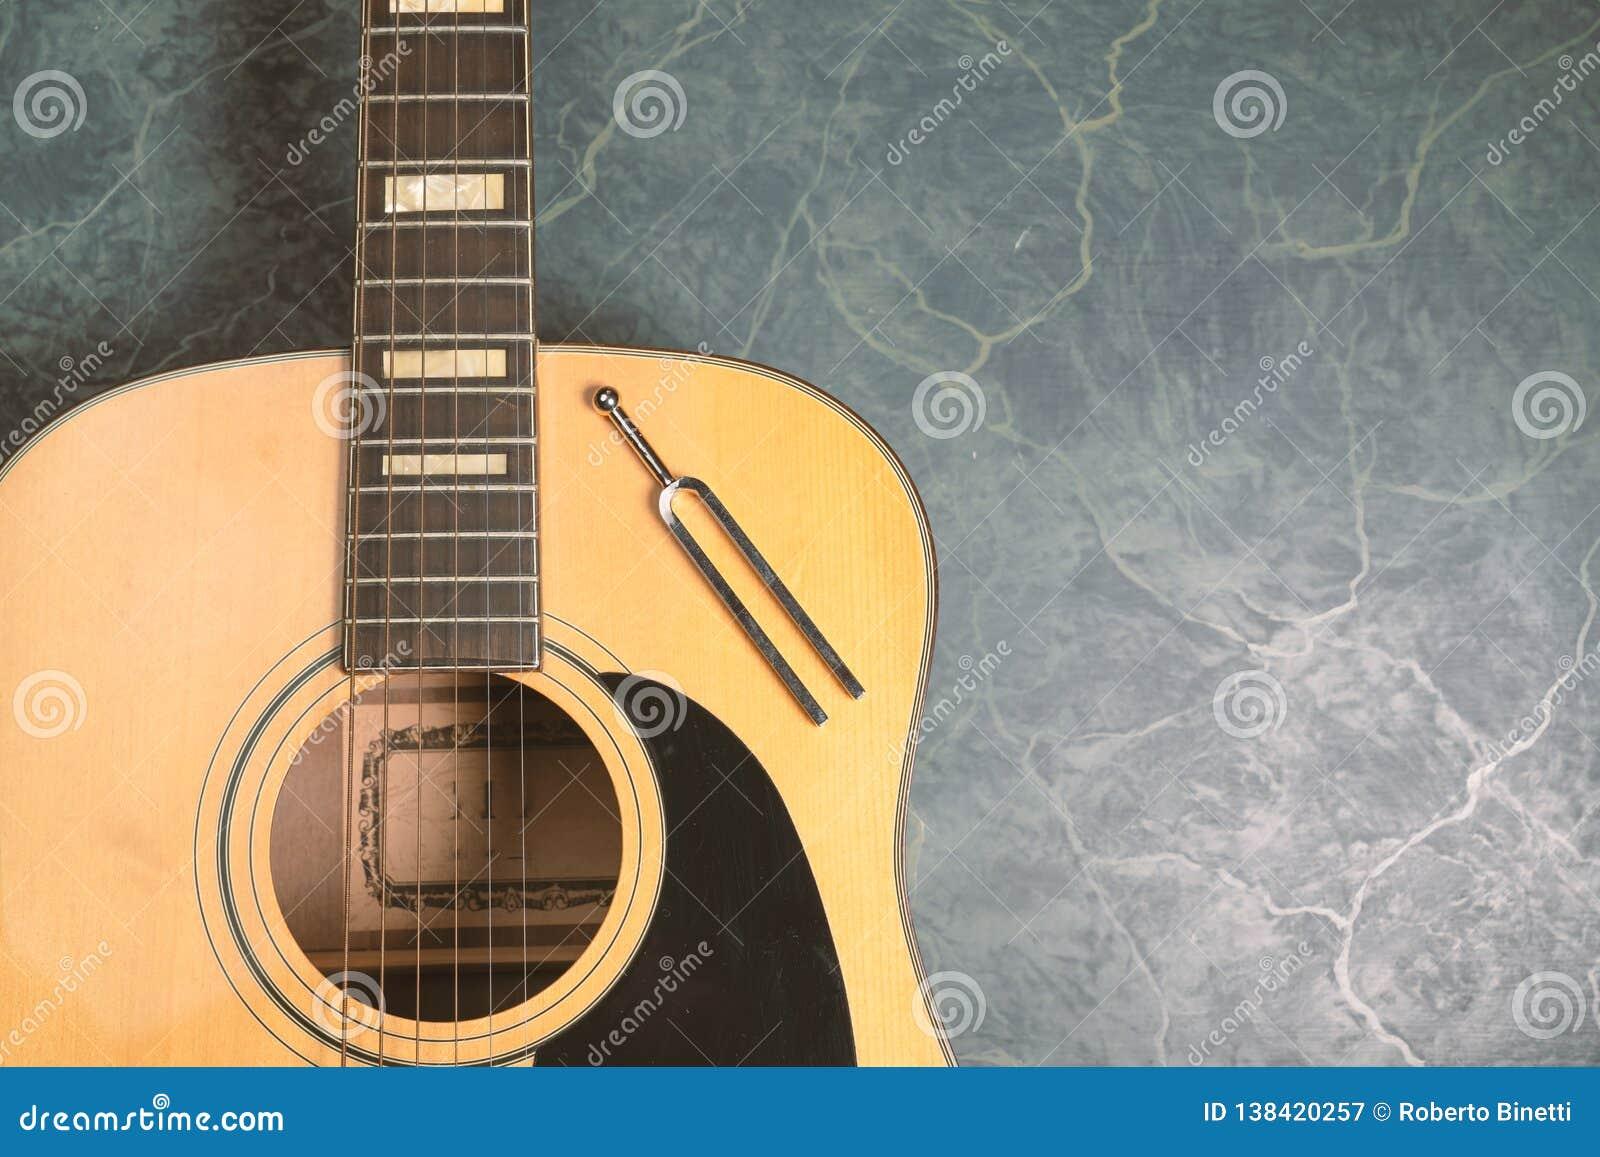 Stemvork en akoestische gitaar